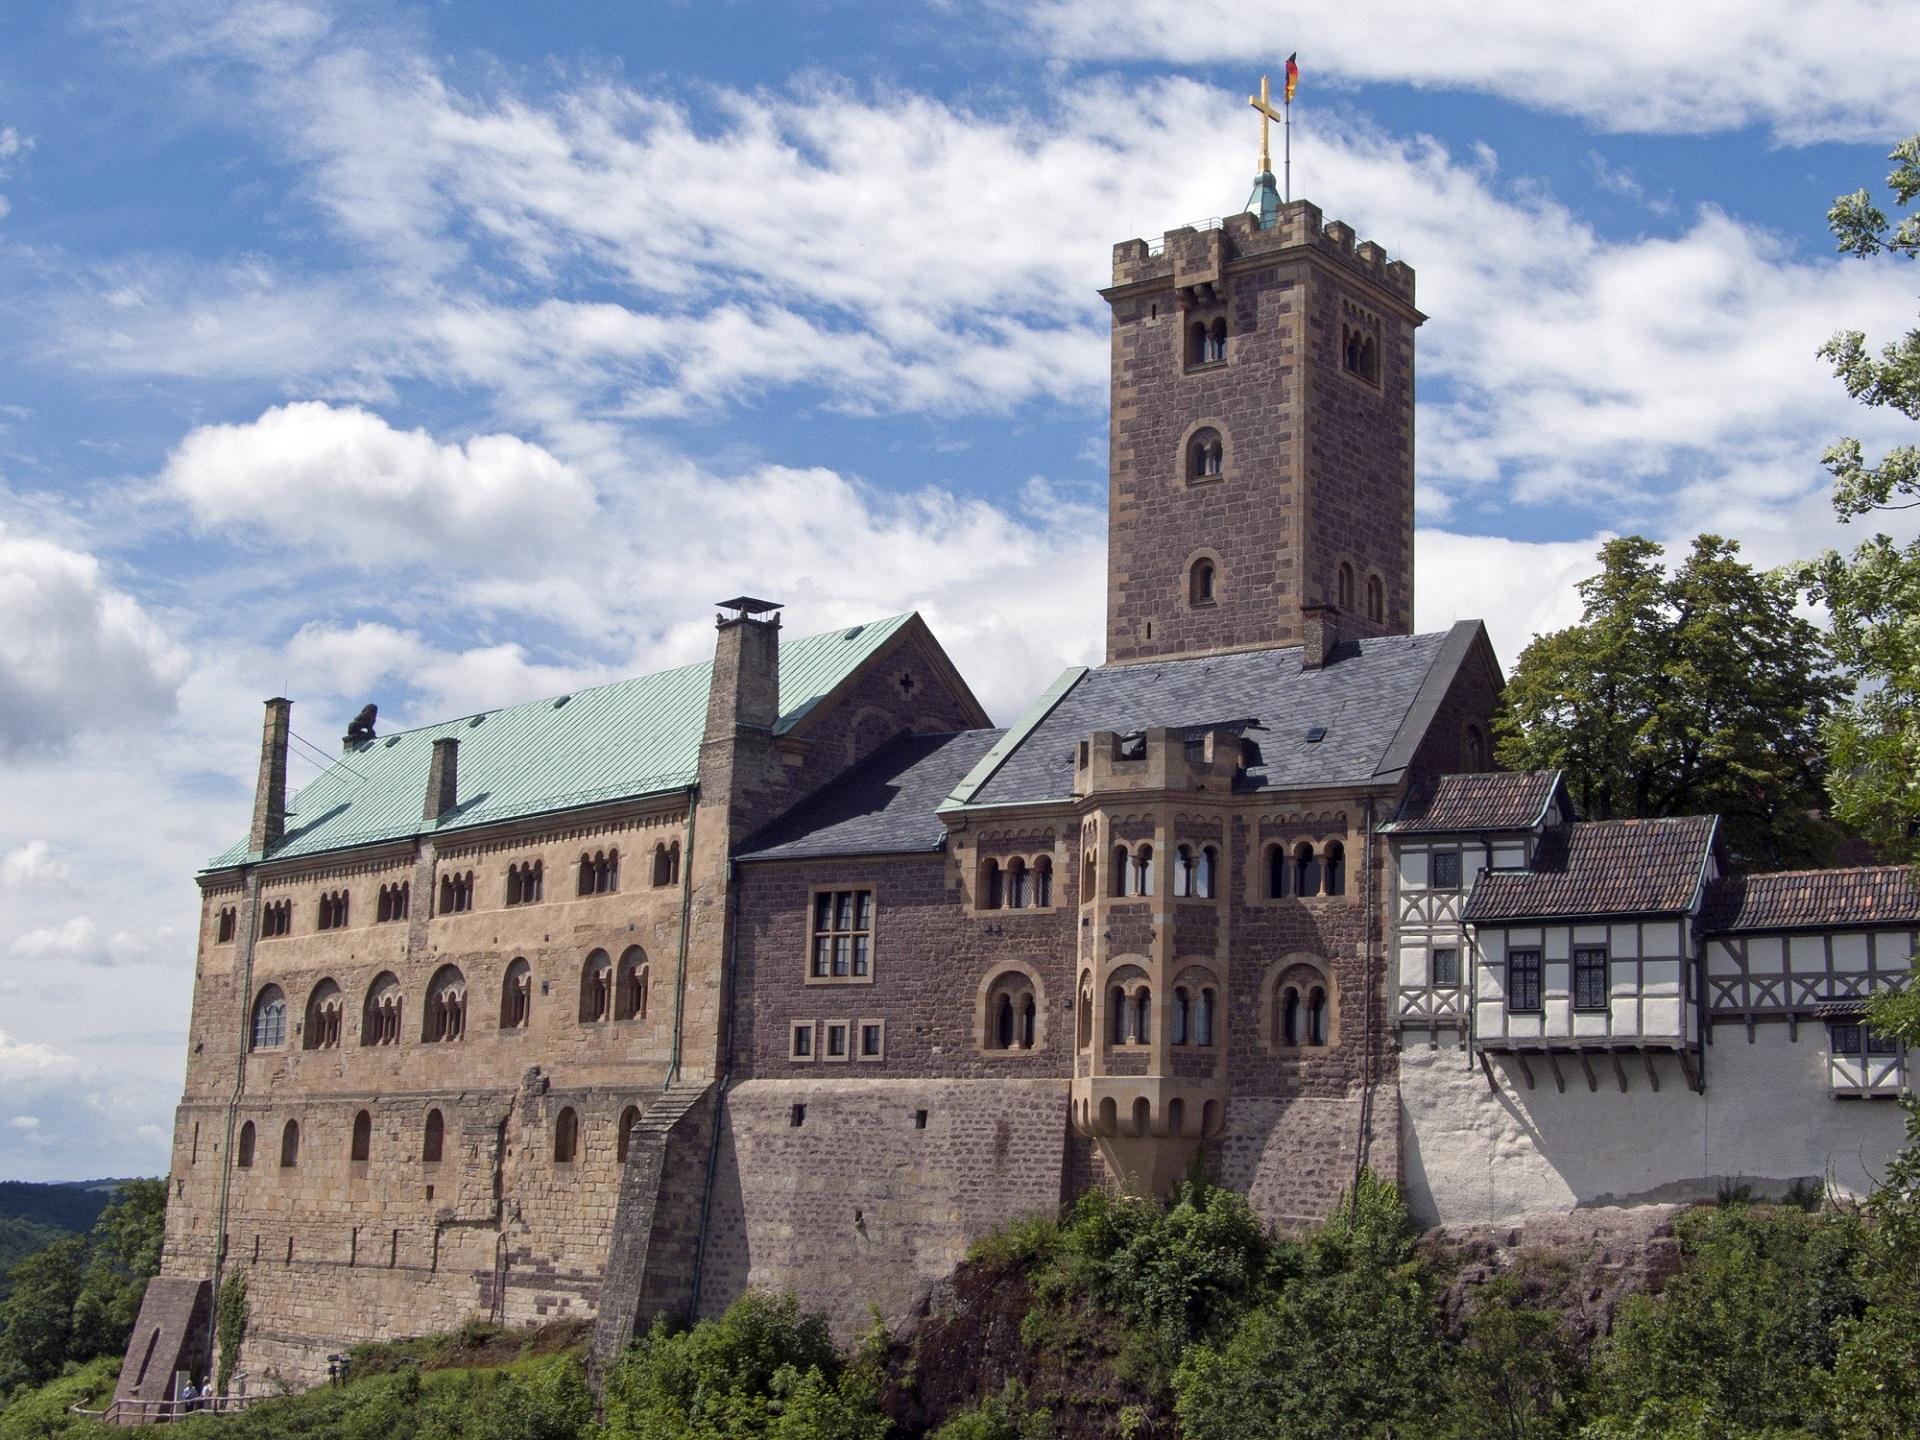 Die Wartburg bei Eisenach gehört zu den schönsten Burgen in Deutschland